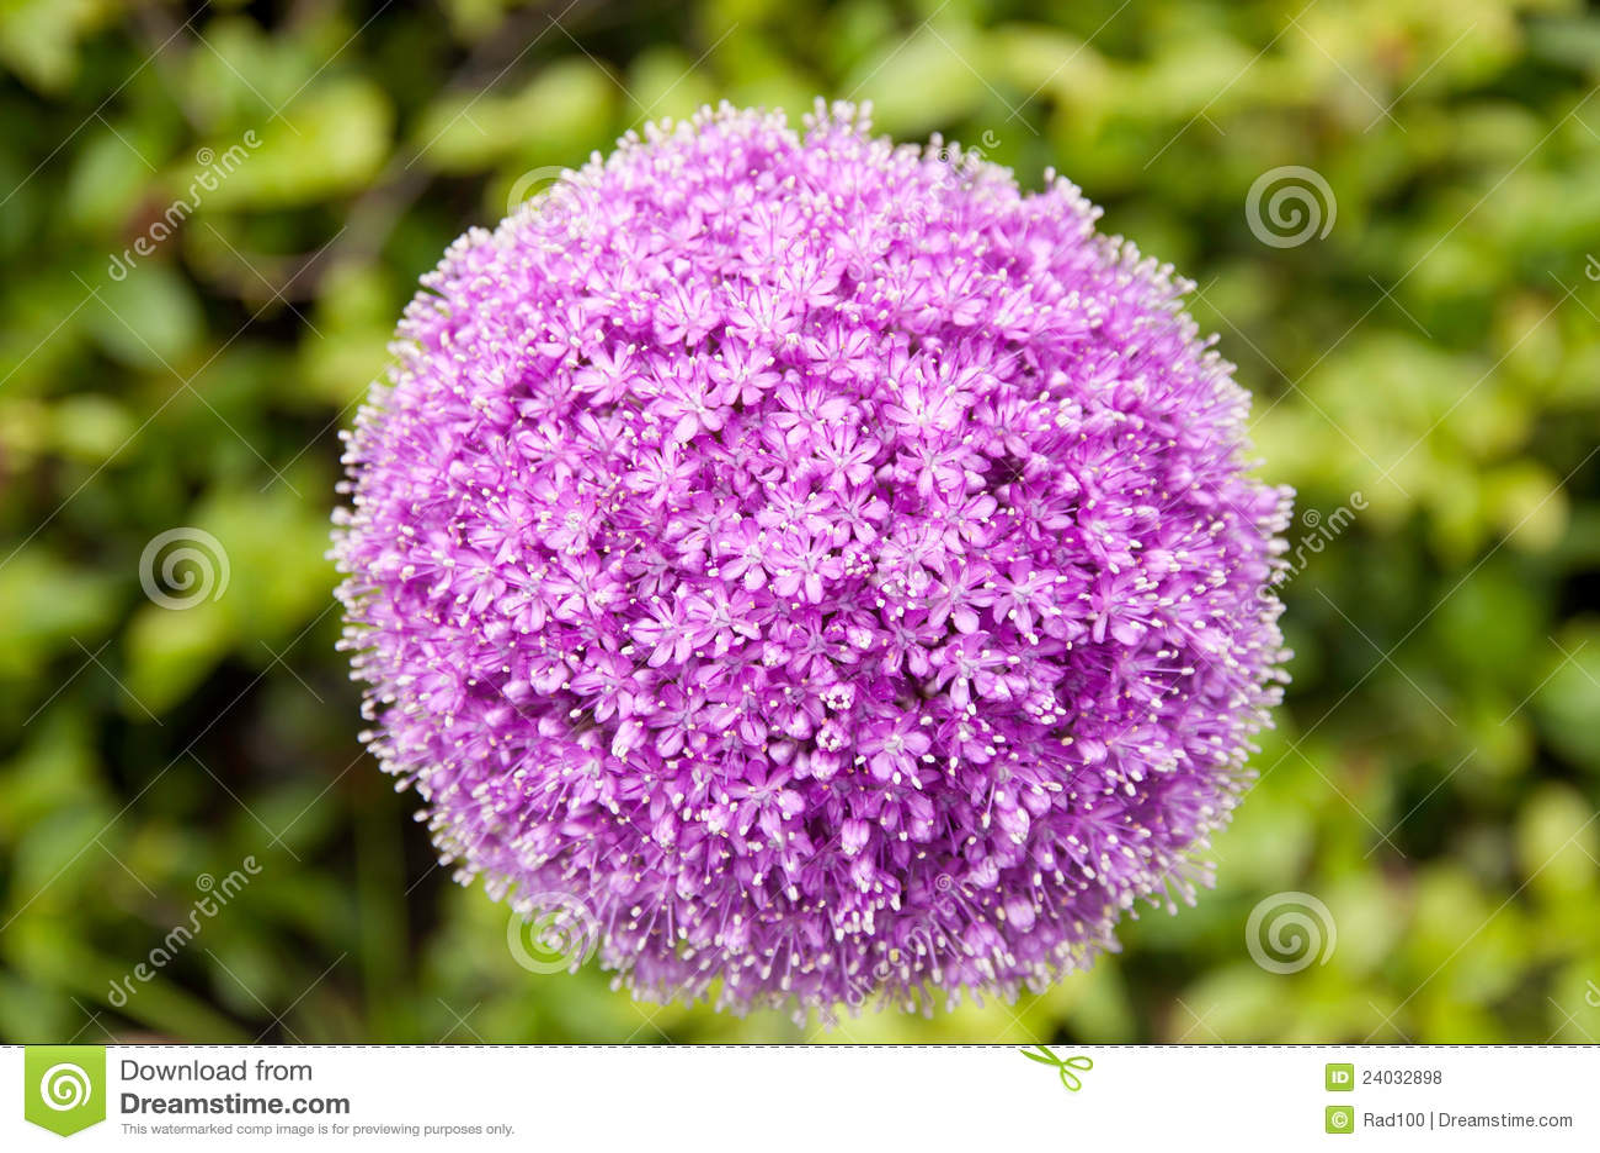 fleur d 39 oignon g ant photos libres de droits image 24032898. Black Bedroom Furniture Sets. Home Design Ideas